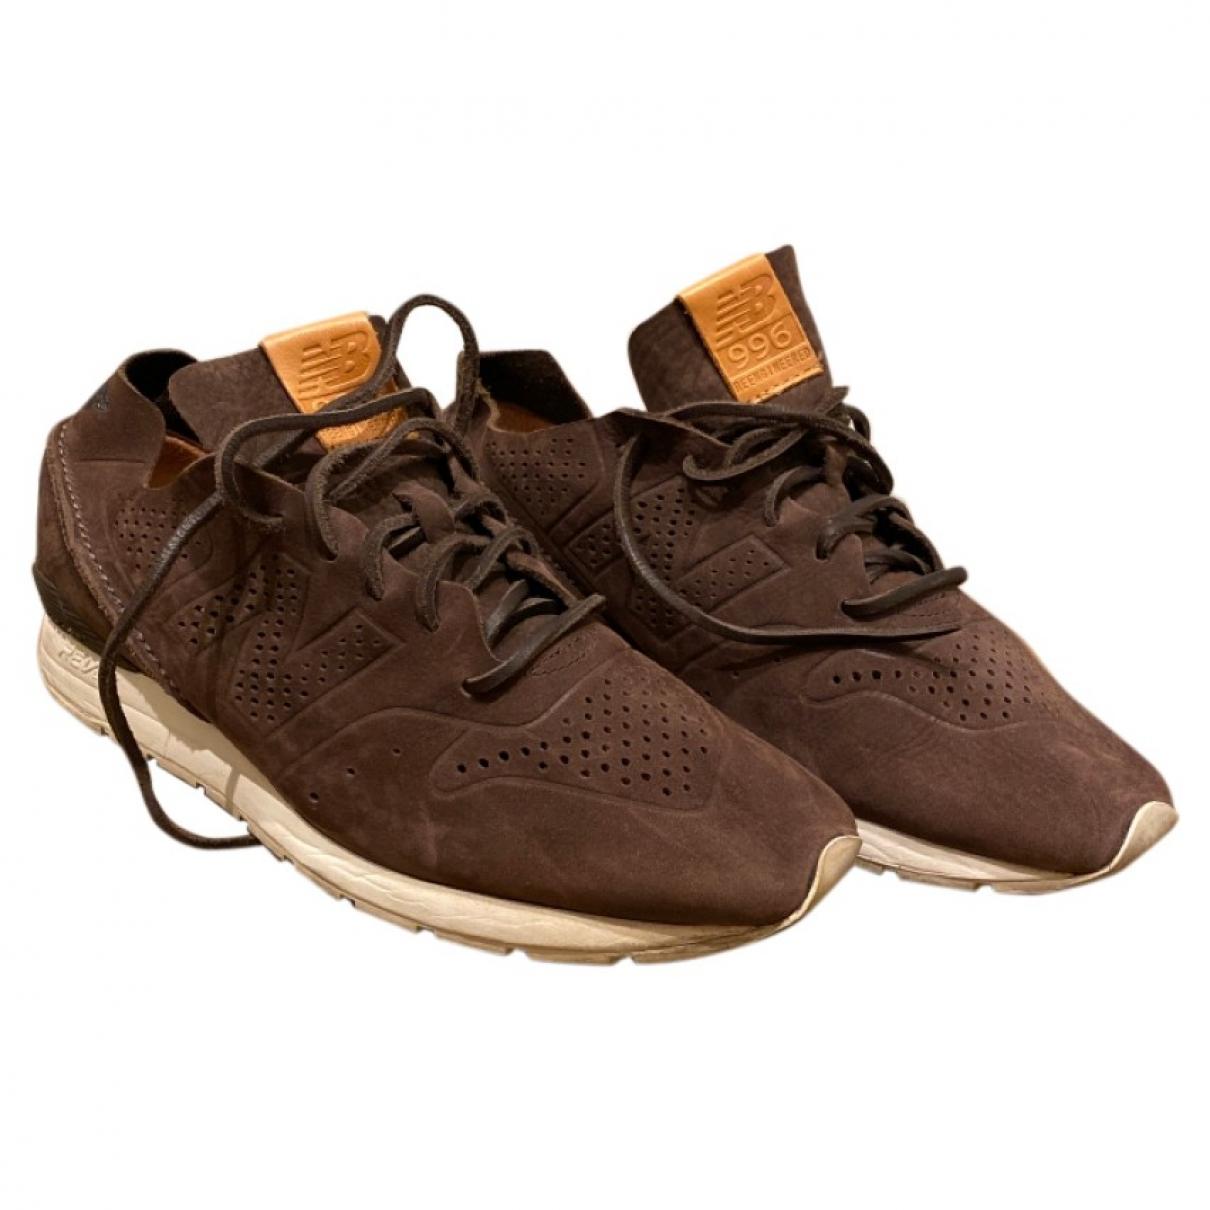 New Balance - Baskets   pour homme en cuir - marron